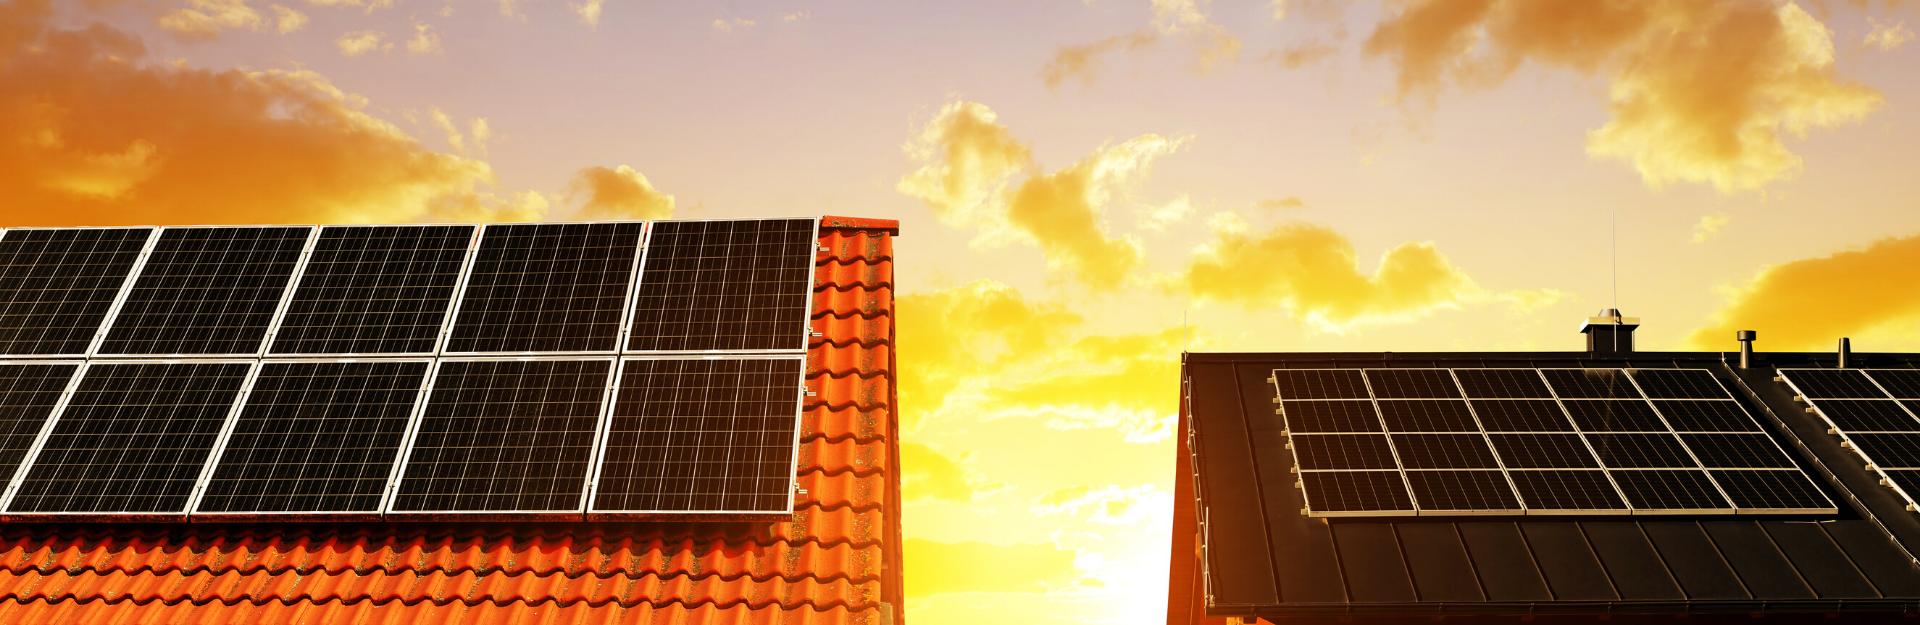 #SolarIsEssential